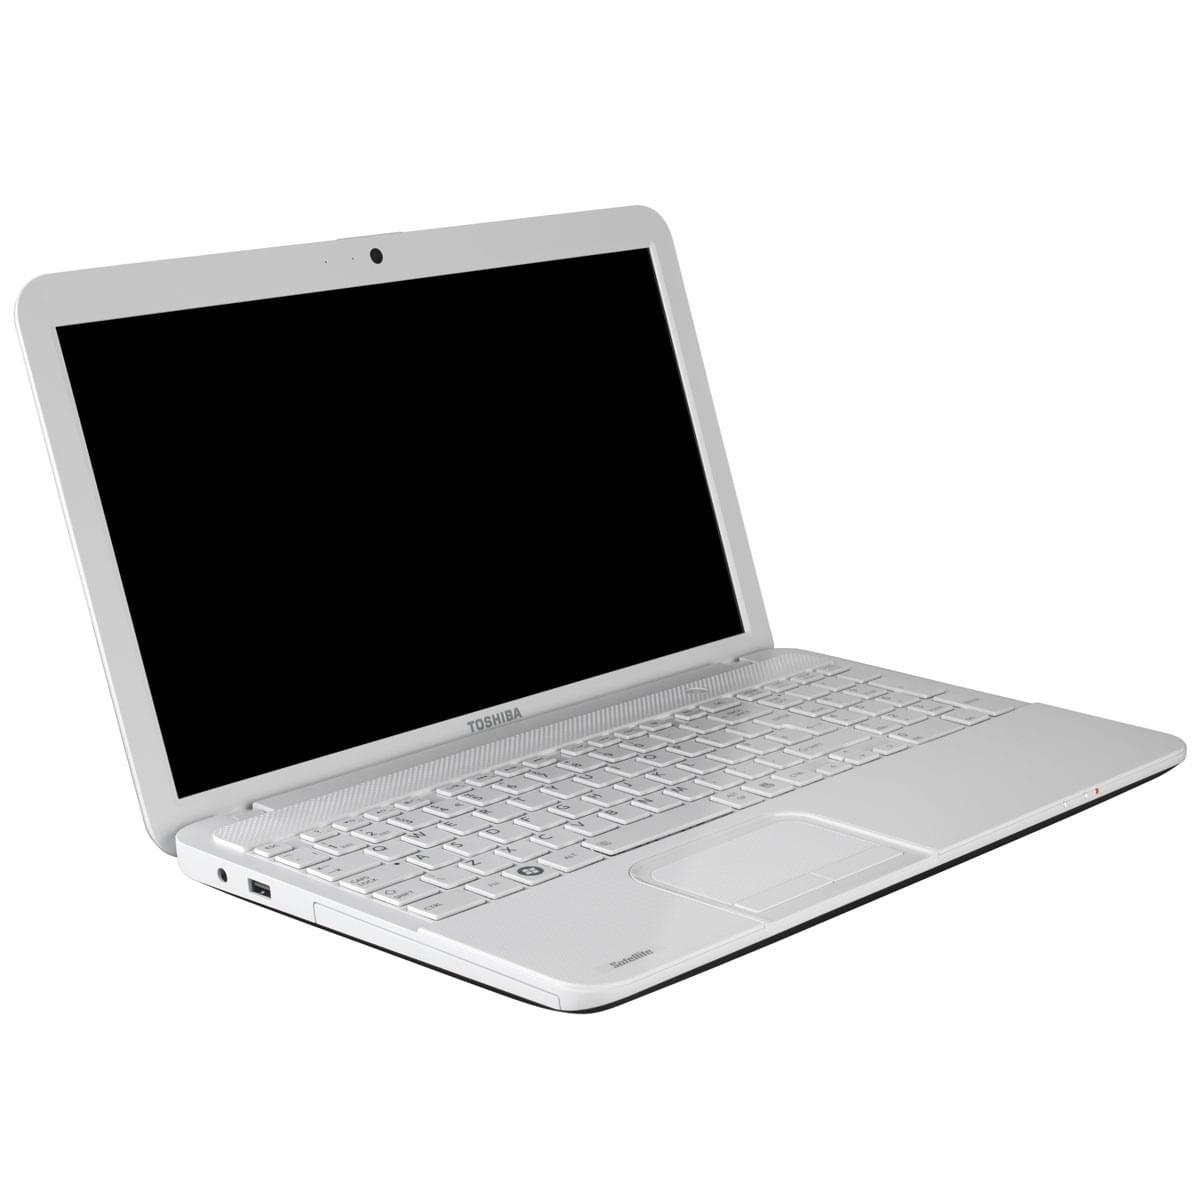 Toshiba C855-2GC (PSCBYE-08300LFR) - Achat / Vente PC Portable sur Cybertek.fr - 0